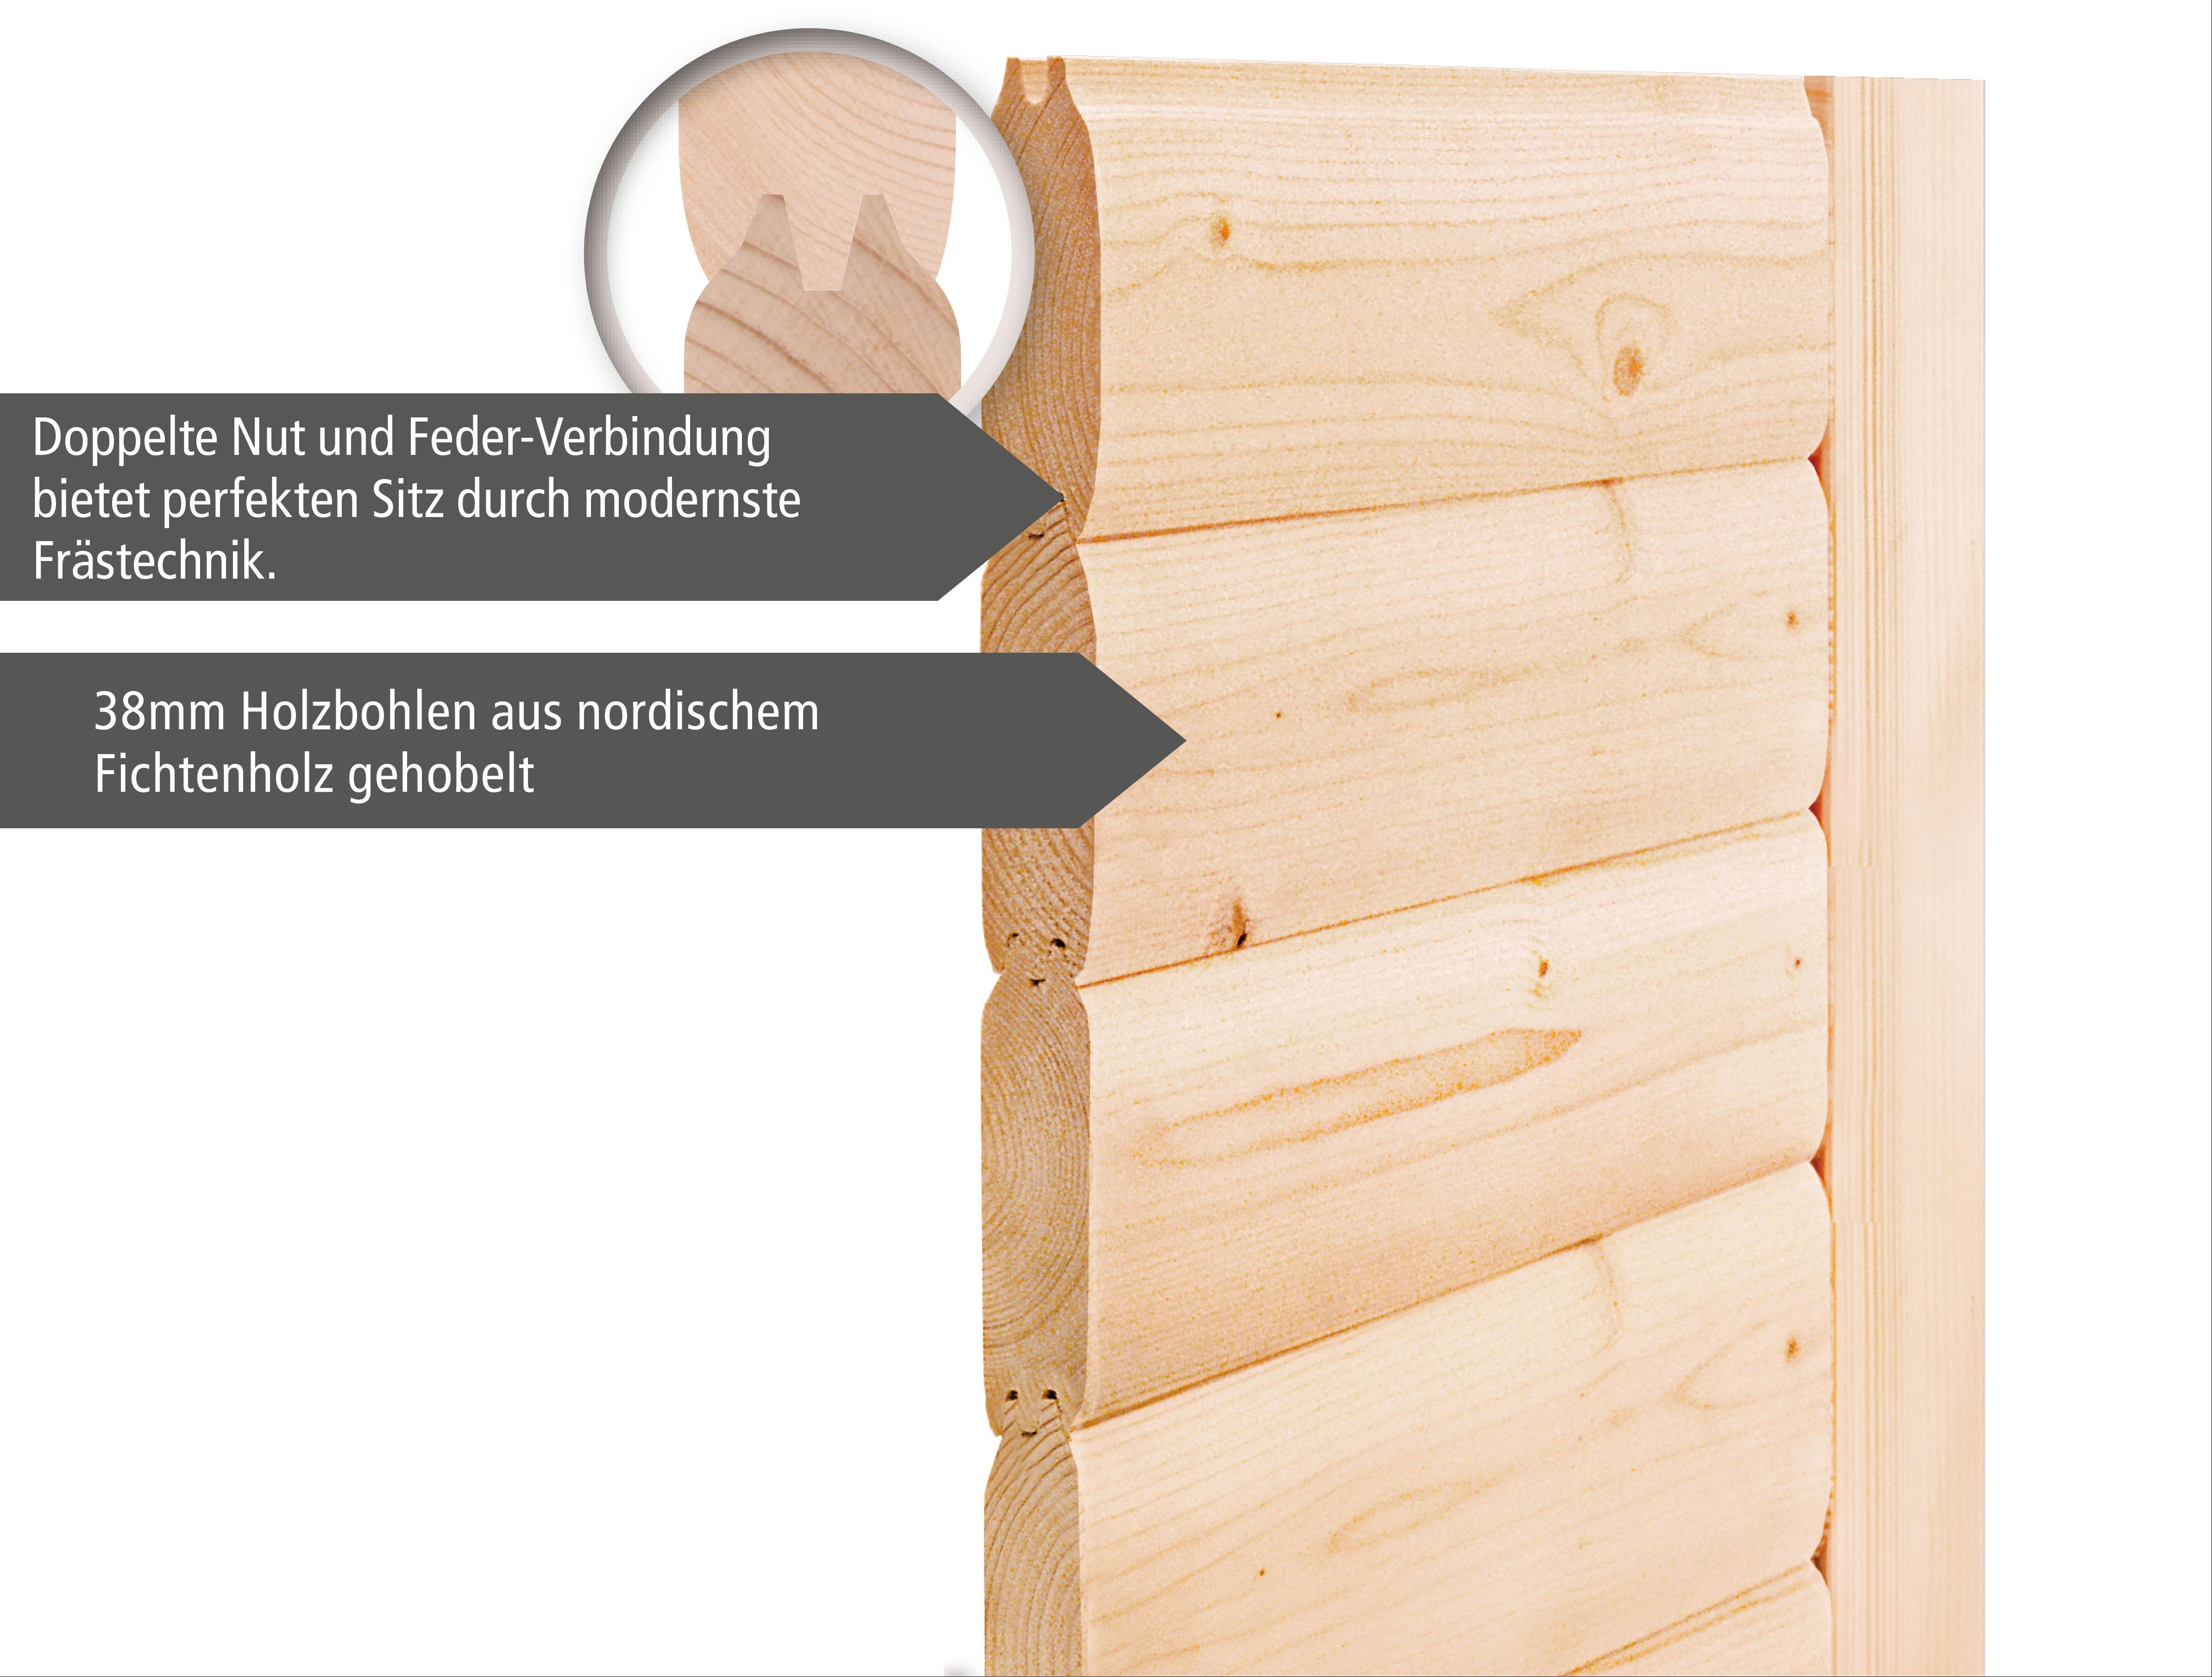 WoodFeeling Sauna Nina 38mm Bio Saunaofen 9kW extern Kranz Classic Tür Bild 5